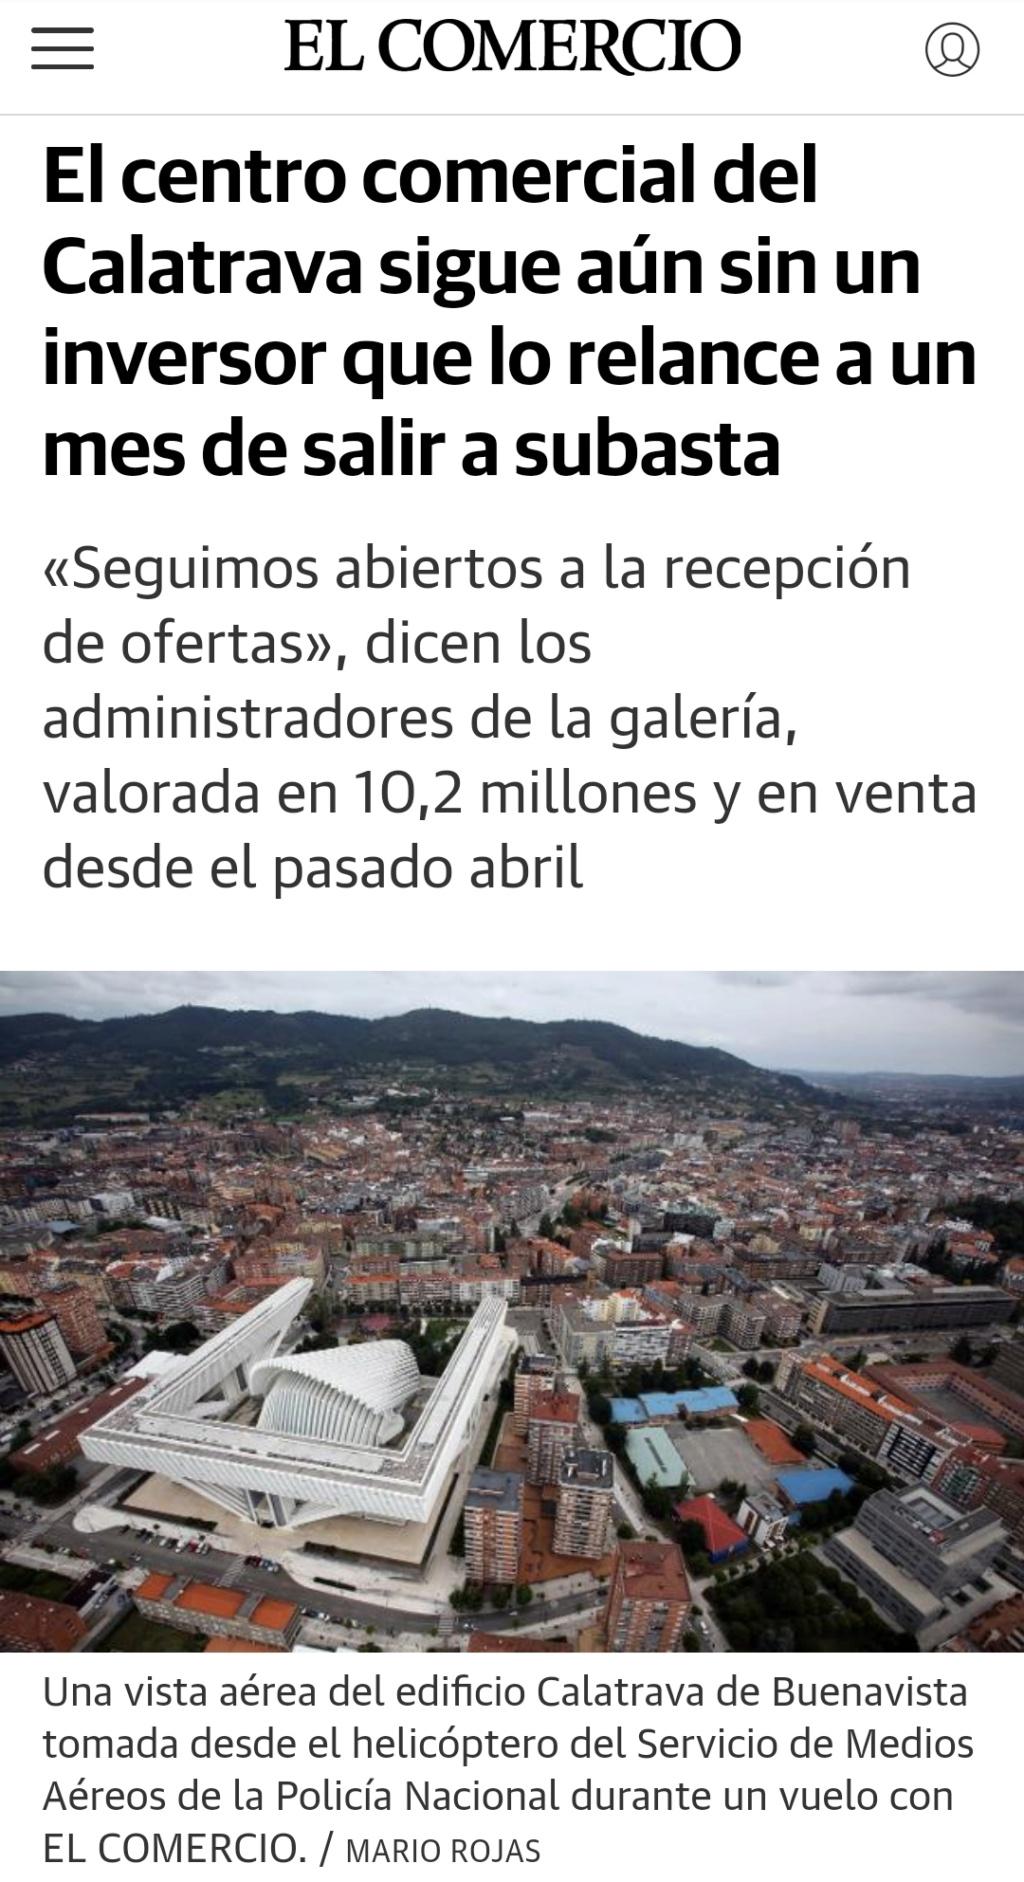 Santiago Calatrava, ese astro de la arquitectura - Página 2 Img_2087